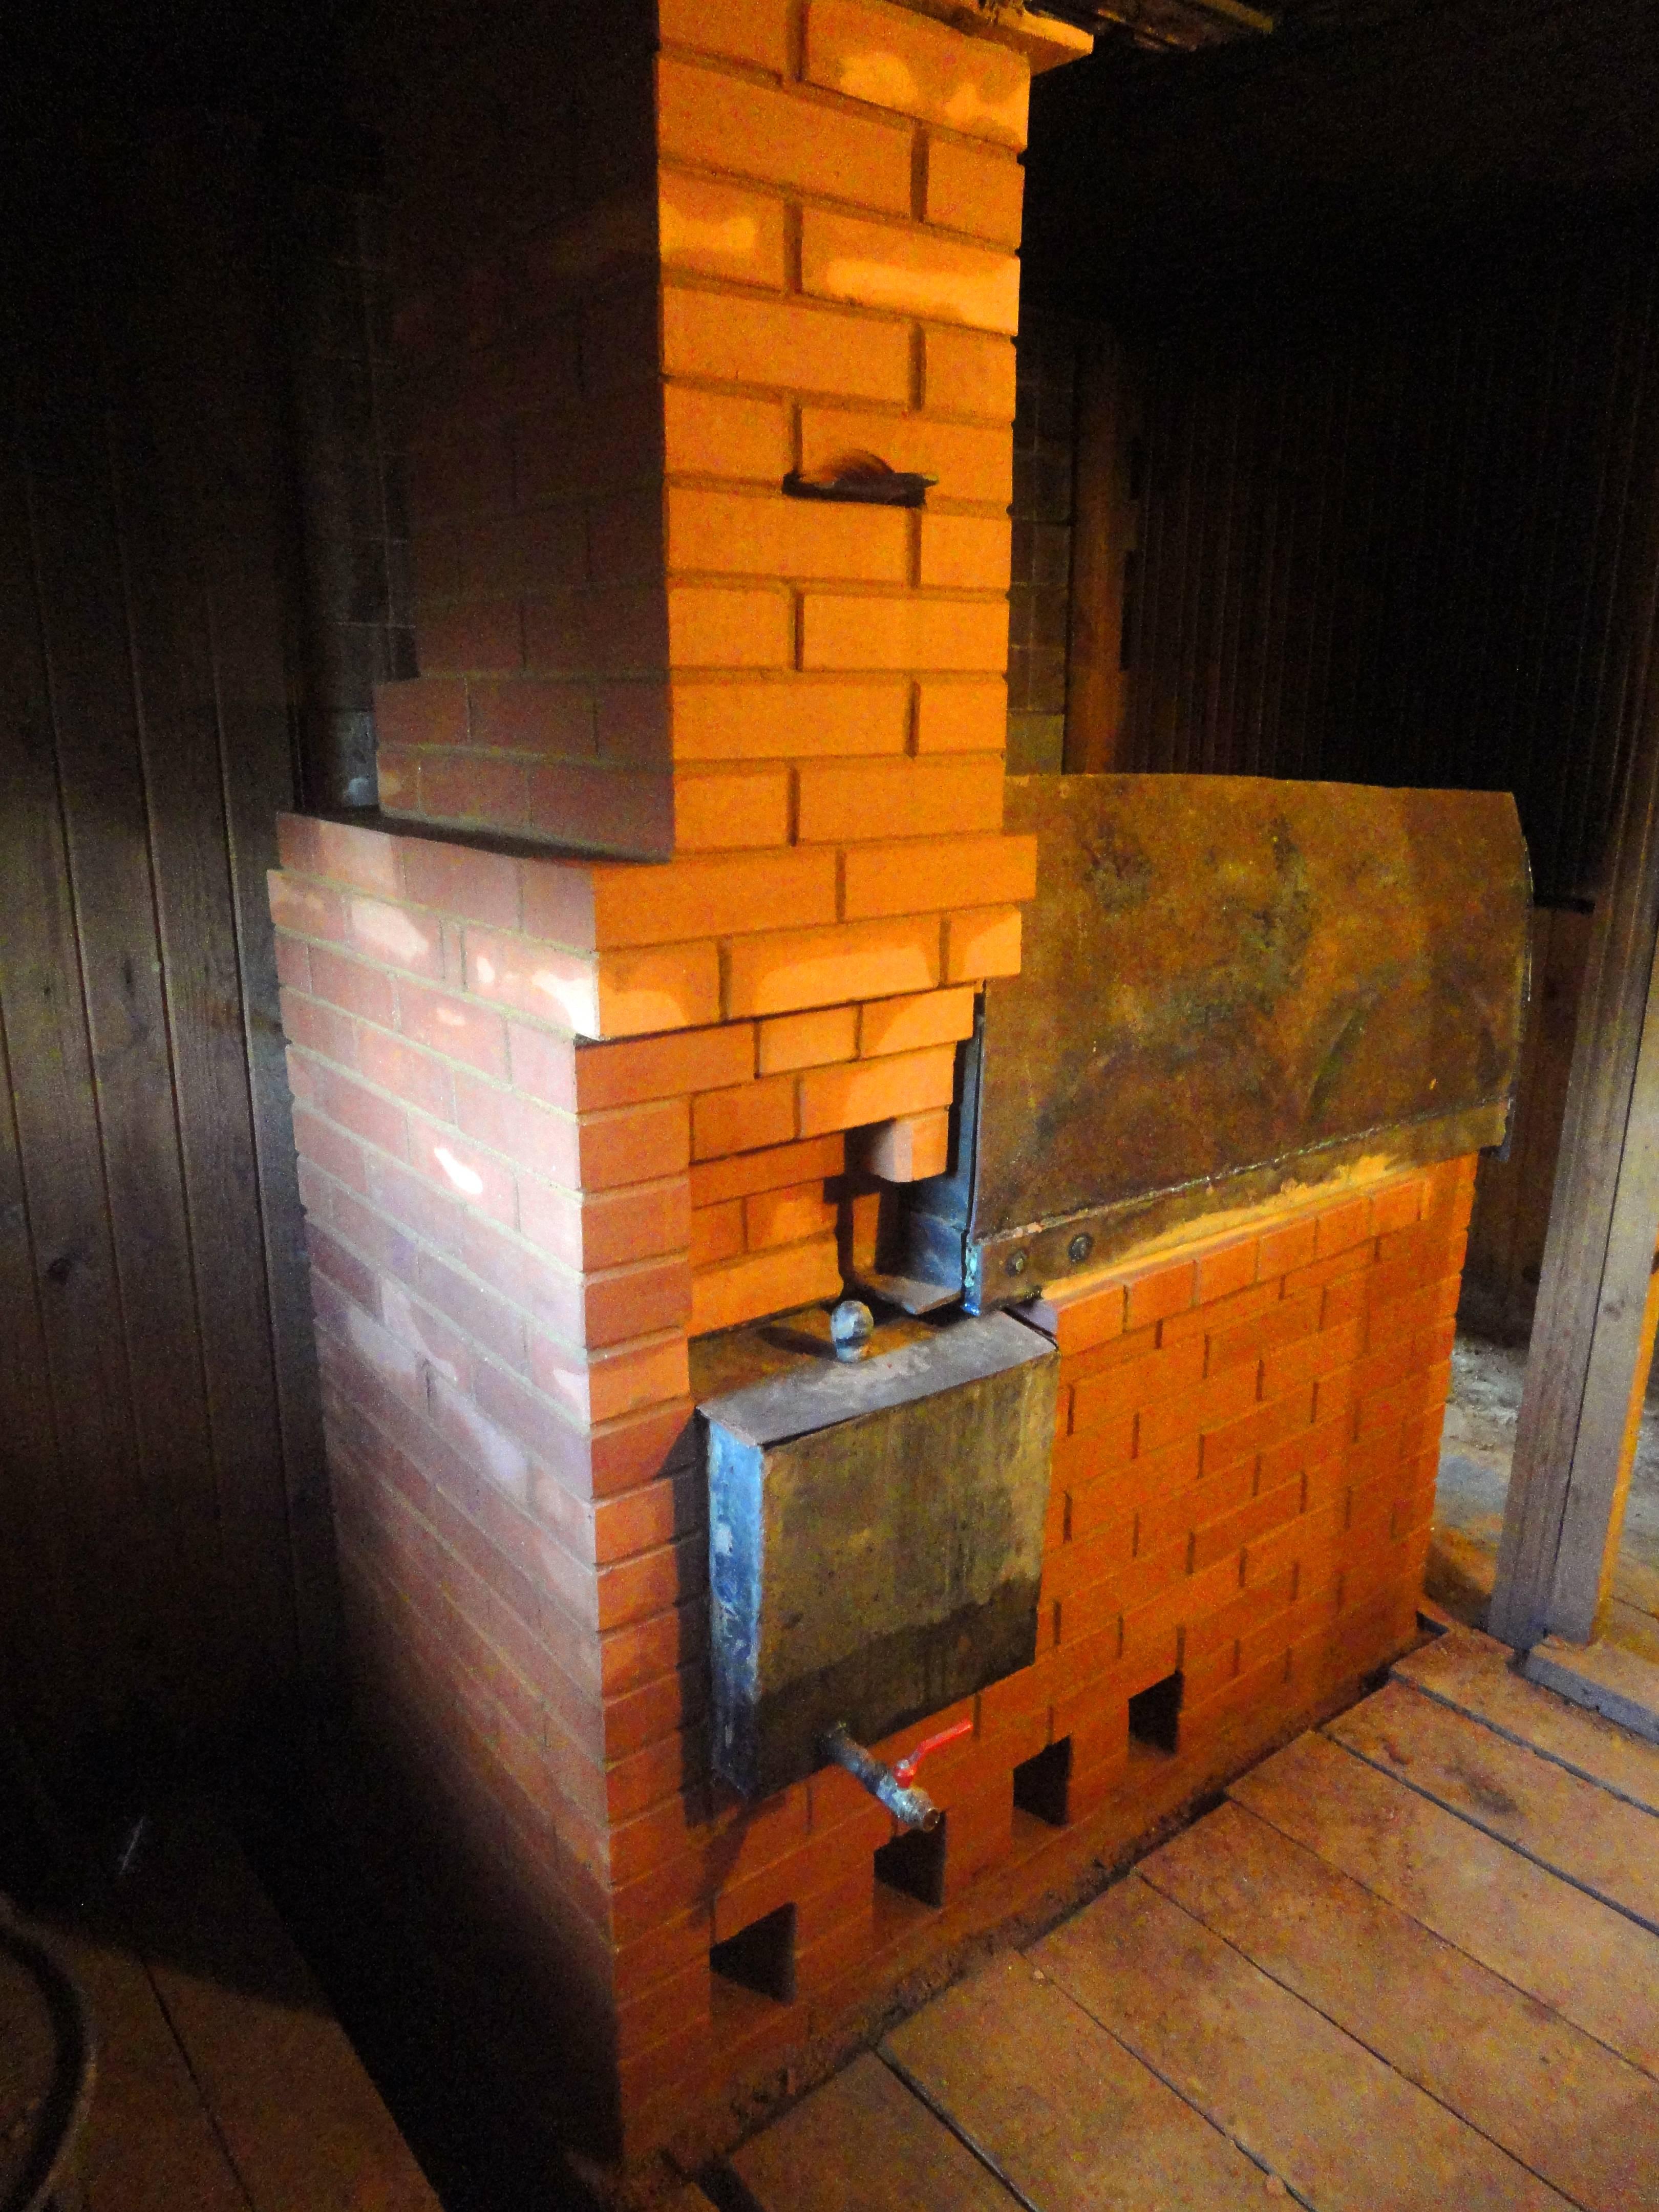 Кирпичная печь для бани с топкой из предбанника и баком для воды: как построить своими руками + фото и чертежи